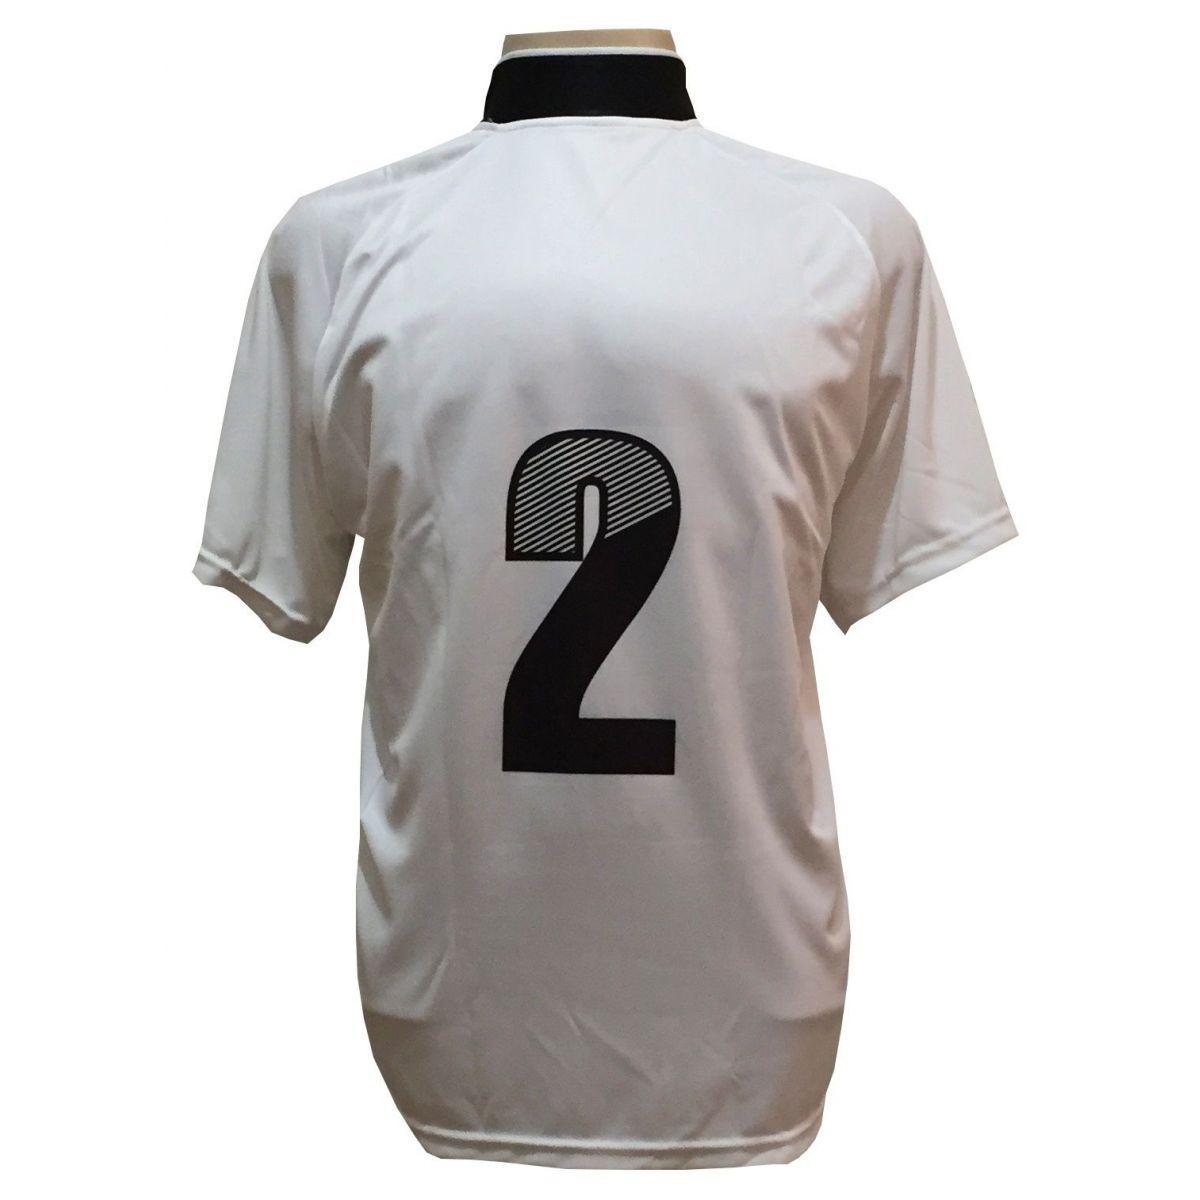 Jogo de Camisa com 12 unidades modelo Milan Branco/Preto + 1 Camisa de Goleiro